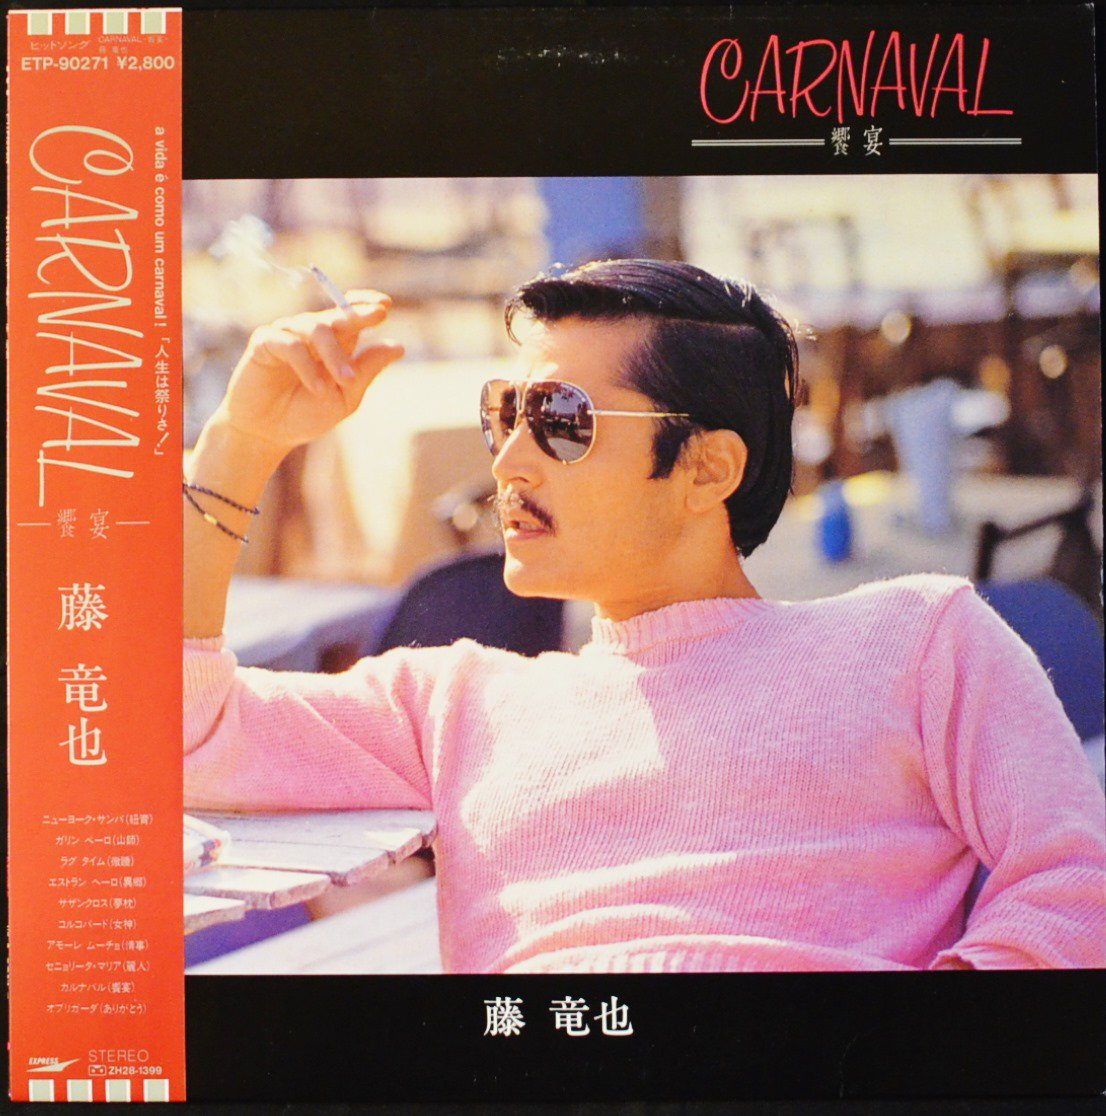 藤竜也 TATSUYA FUJI / CARNAVAL -饗宴- (LP)